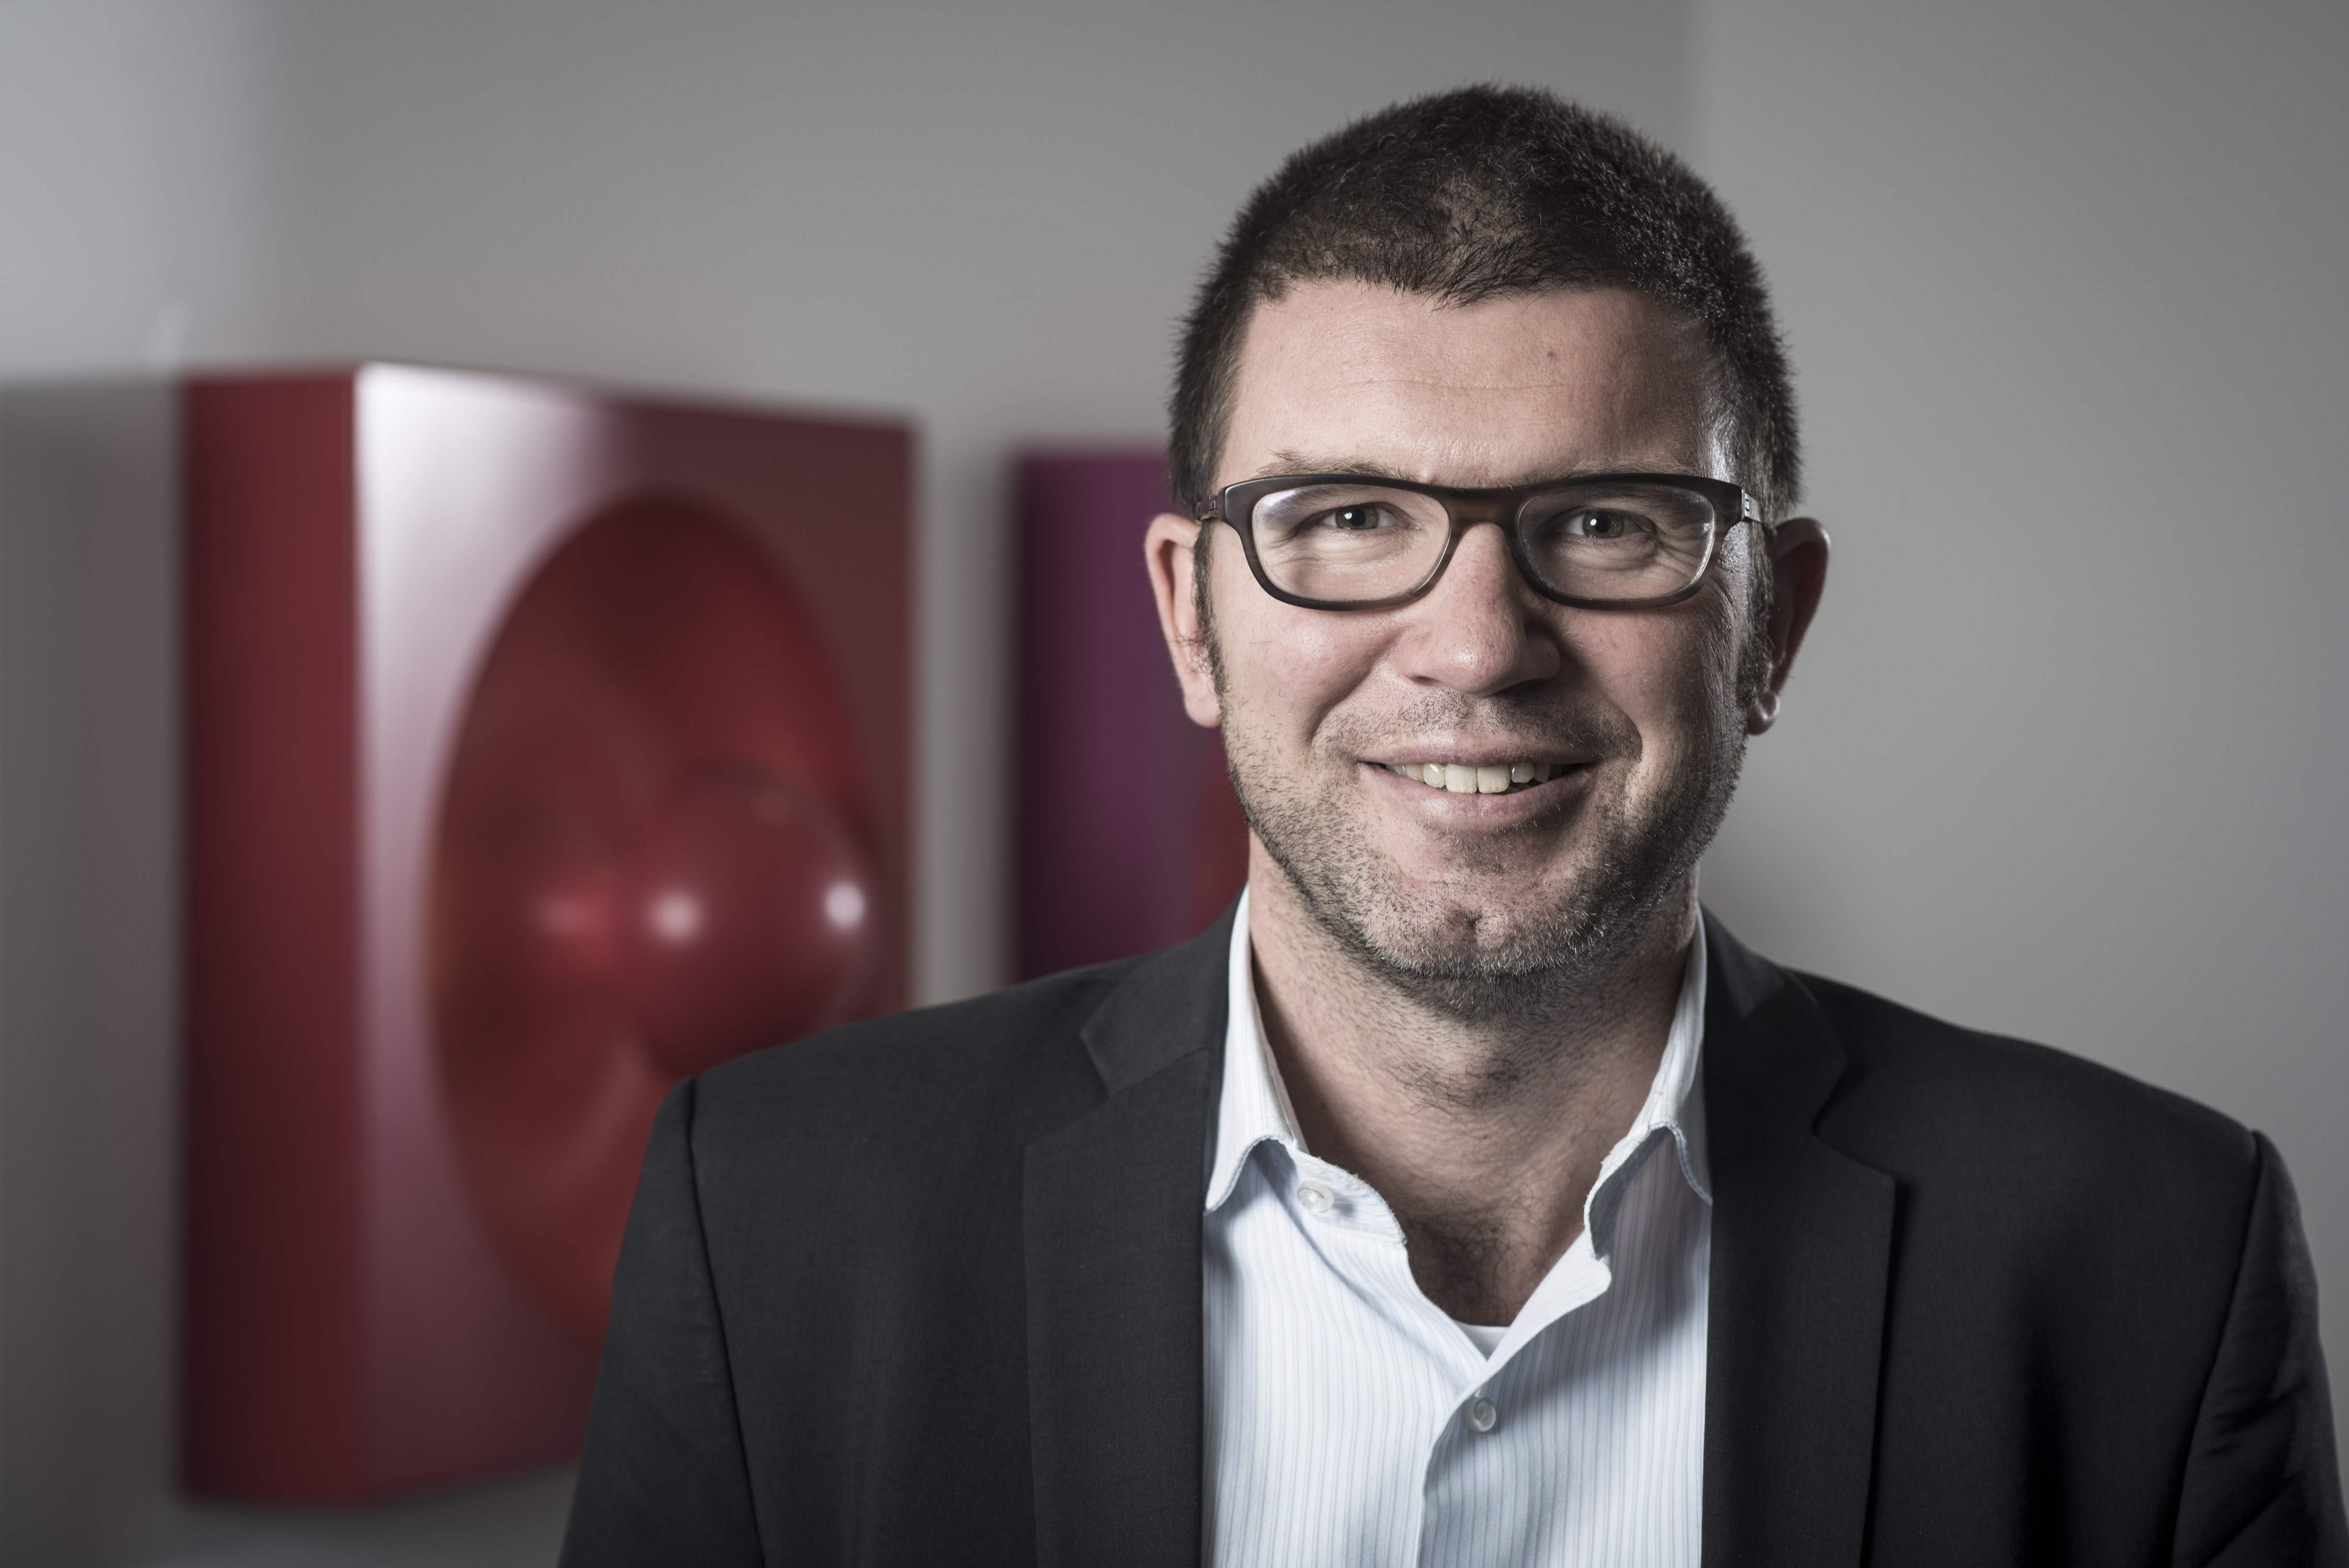 Peter Mueller, Spiegel Berlin. Berlin, Spiegel Hauptstadtbuero, 10.07.2015.